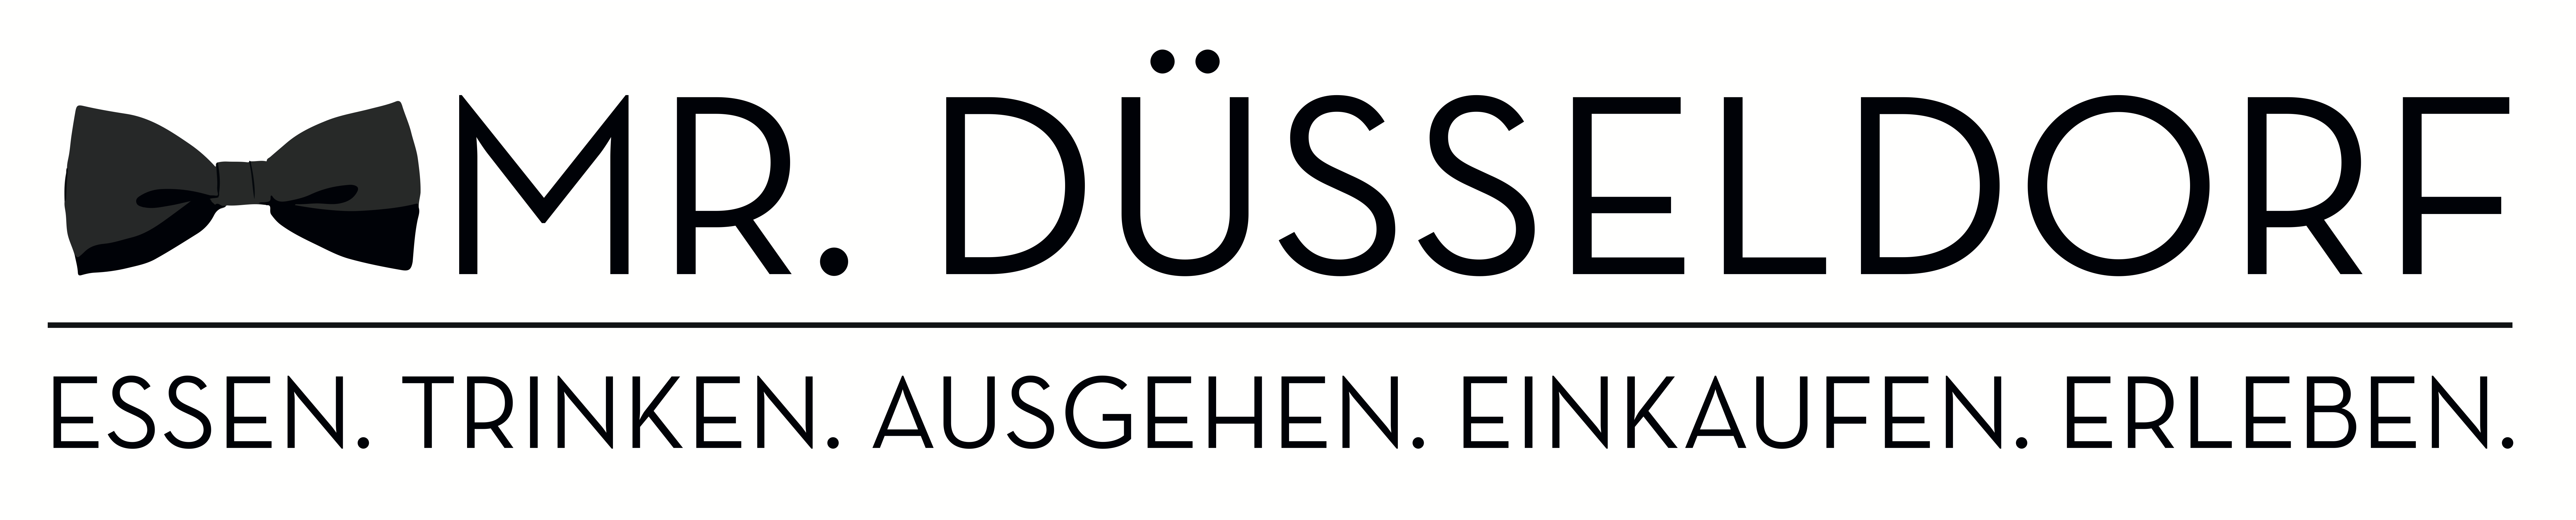 Ausgehen in düsseldorf ab 30